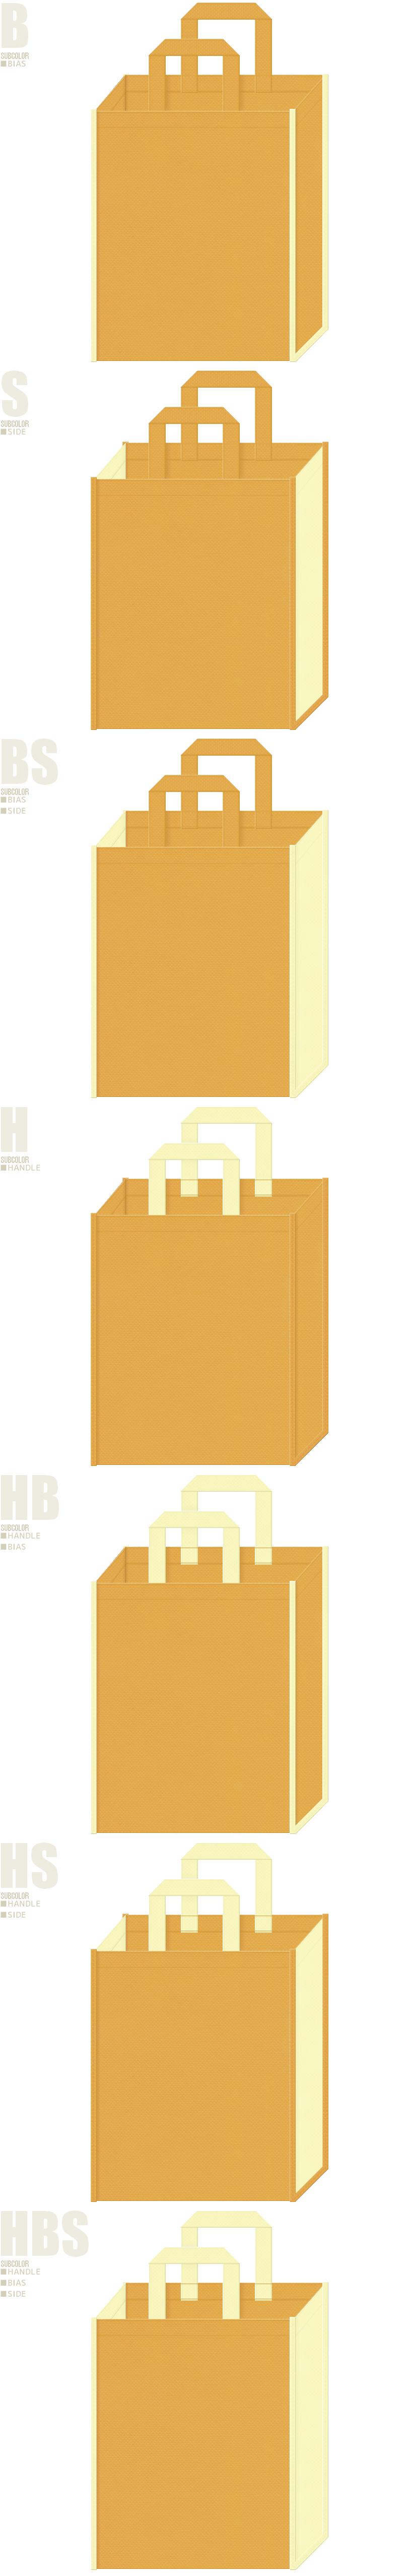 黄土色と薄黄色、7パターンの不織布トートバッグ配色デザイン例。ラクダ、砂漠、ピラミッドを連想する不織布バッグにお奨めの配色です。